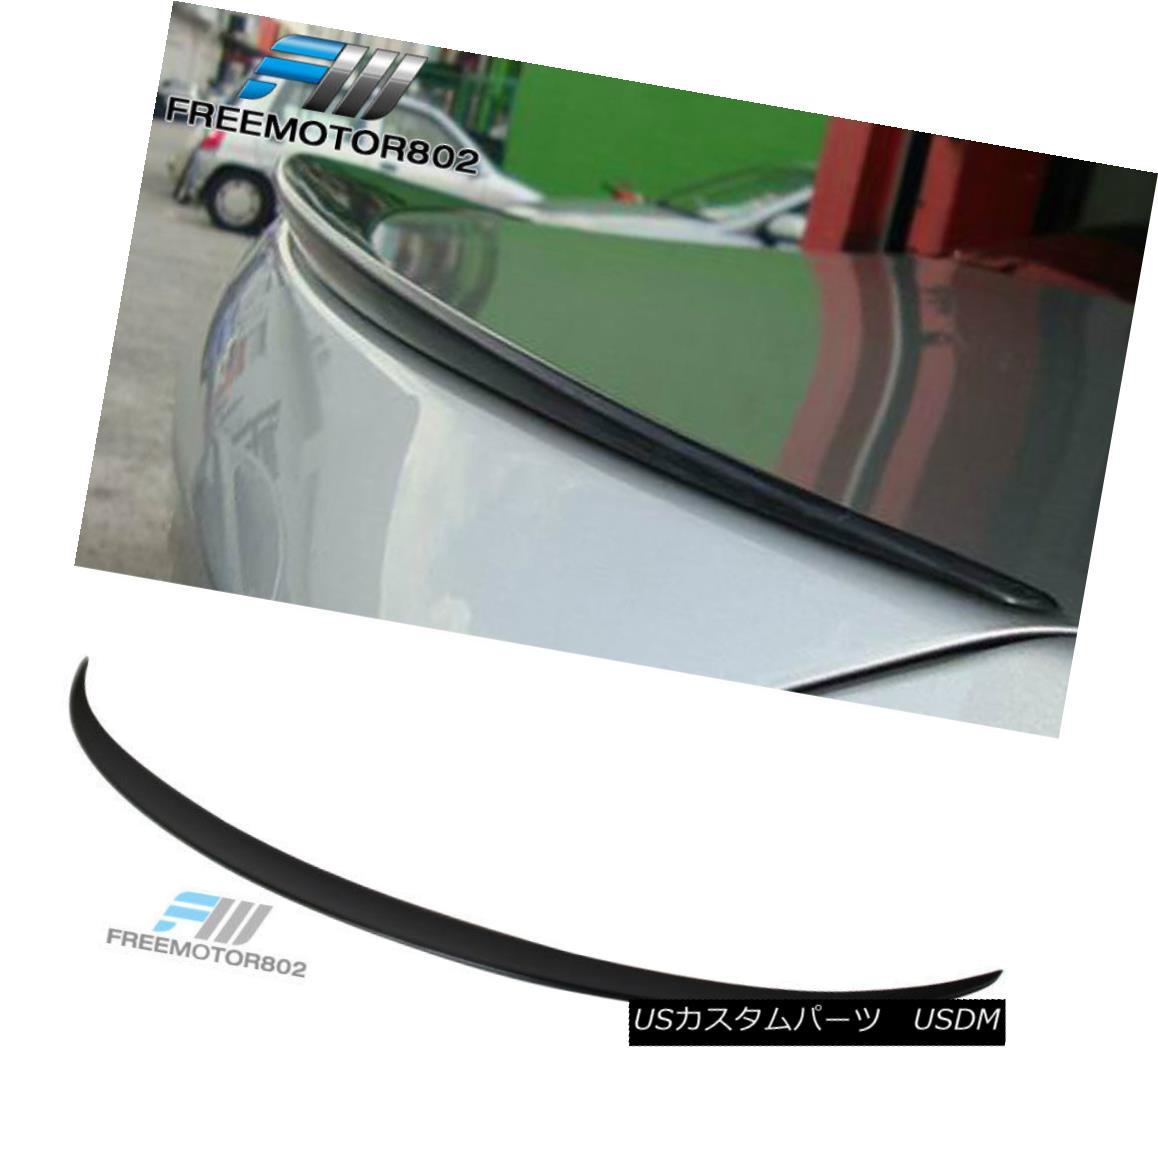 エアロパーツ Fit 2011-2016 BMW 5-Series F10 4DR Sedan Unpainted ABS Trunk Spoiler Wing フィット2011-2016 BMW 5シリーズF10 4DRセダン無塗装ABSトランクスポイラーウイング